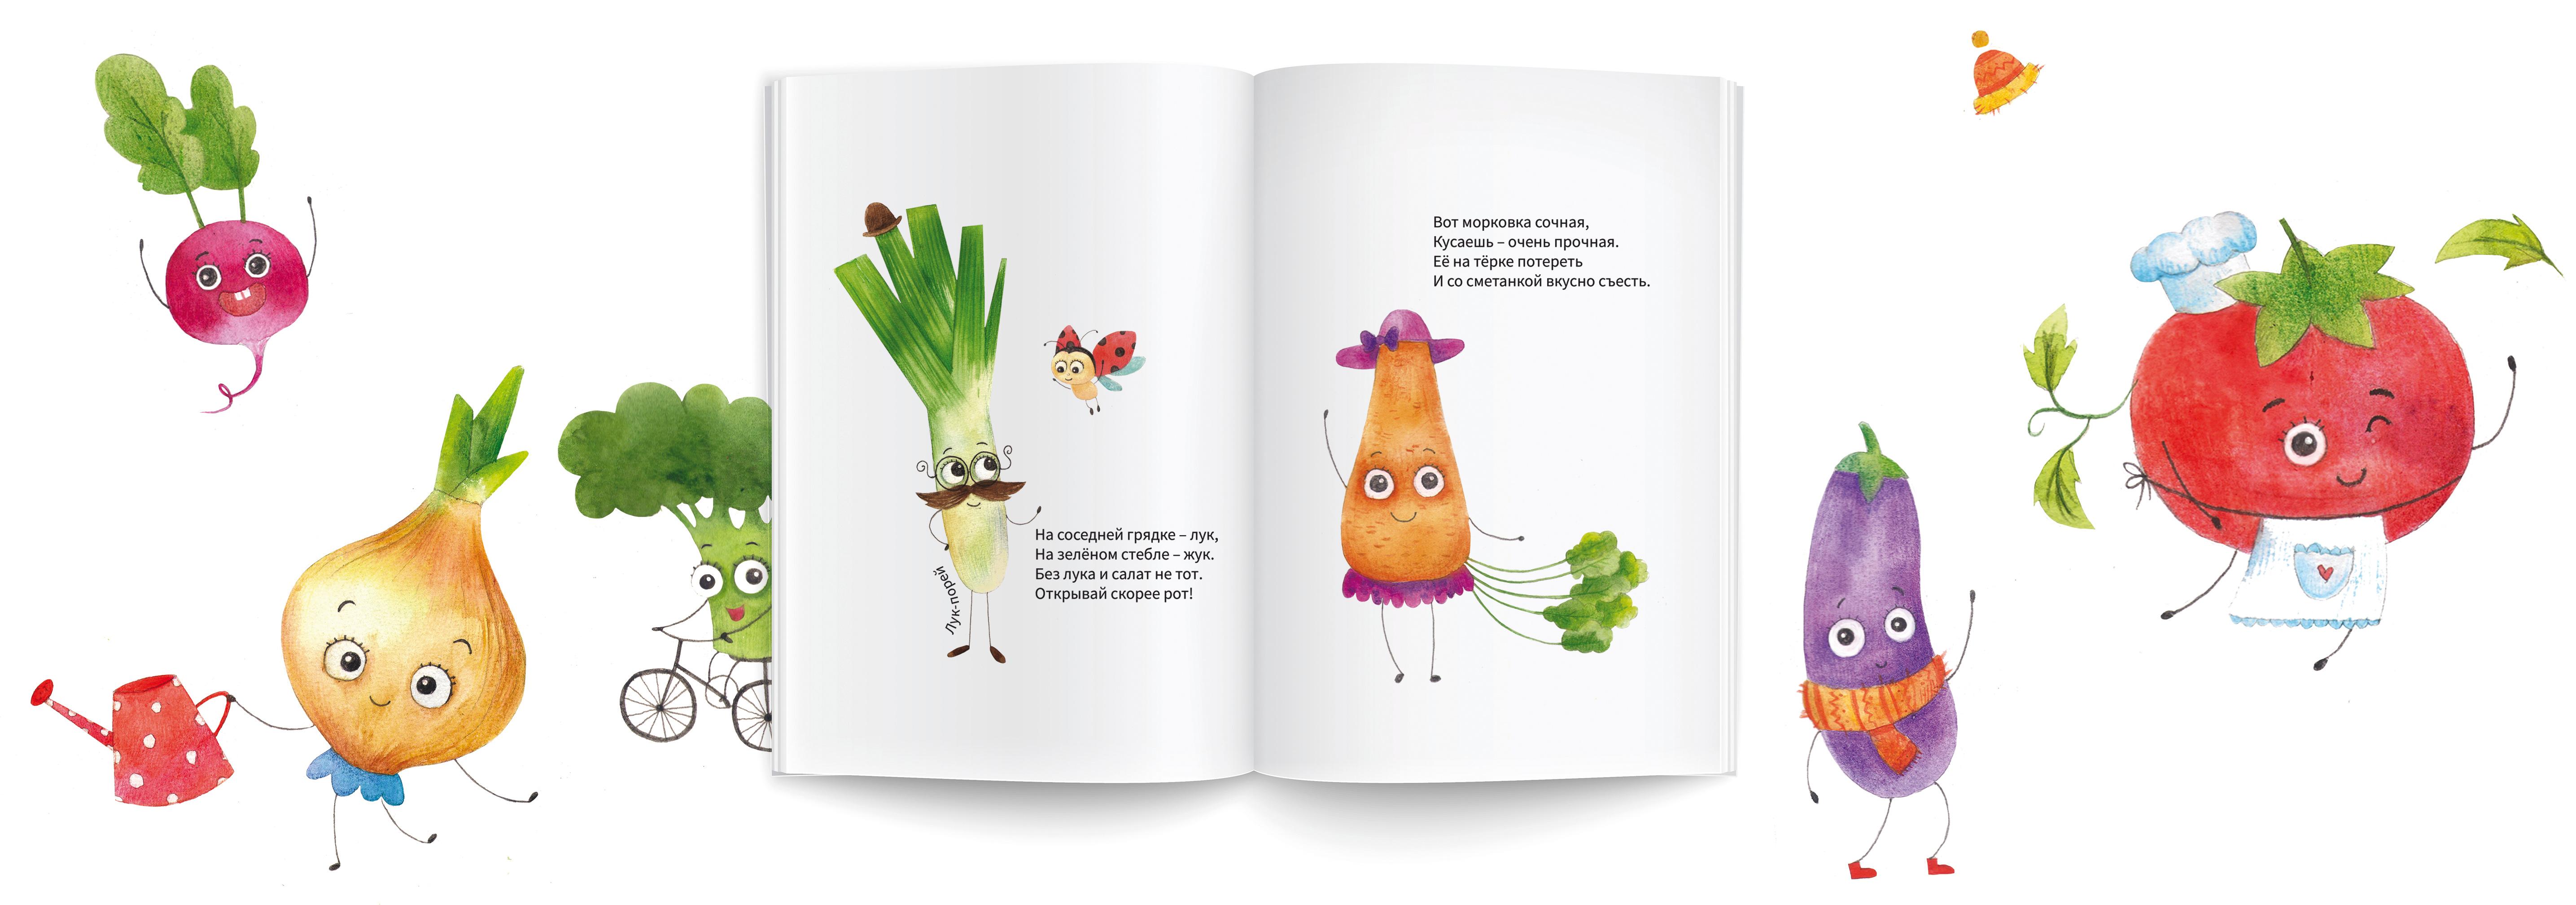 Разворот книги овощные стихи